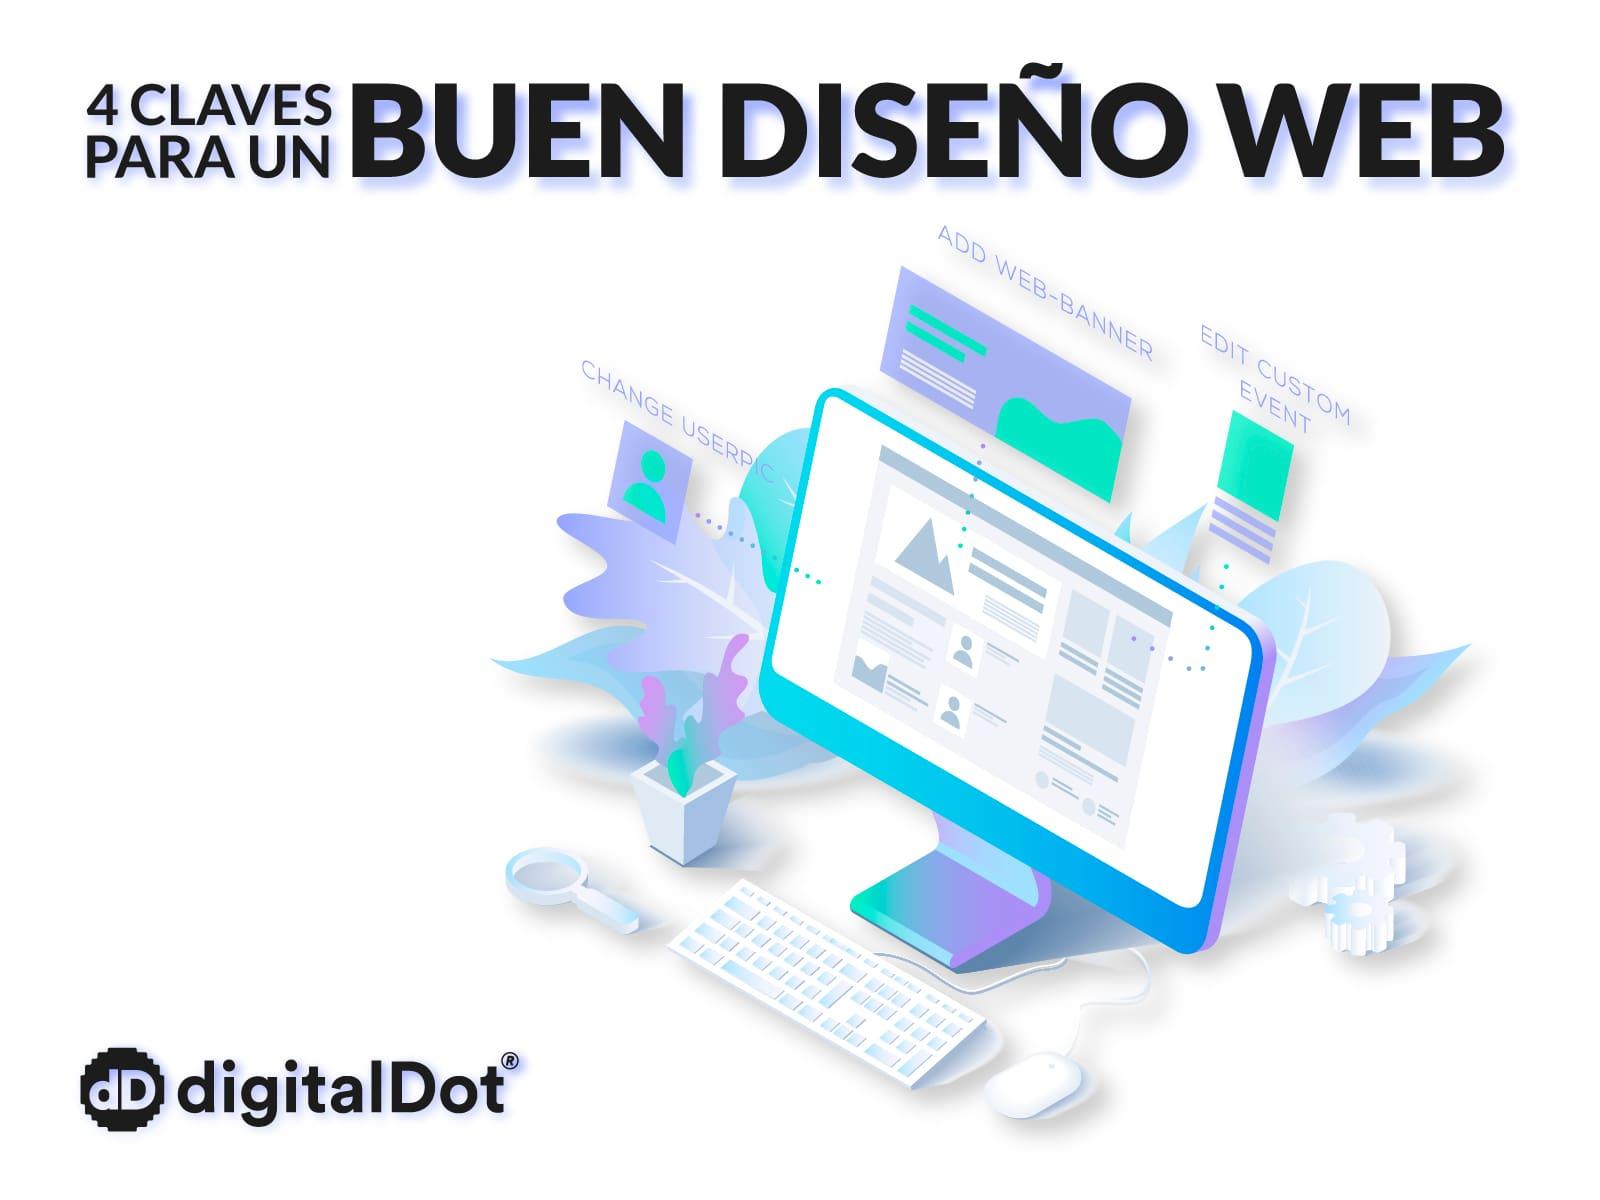 Claves para un buen diseño web. digitalDot